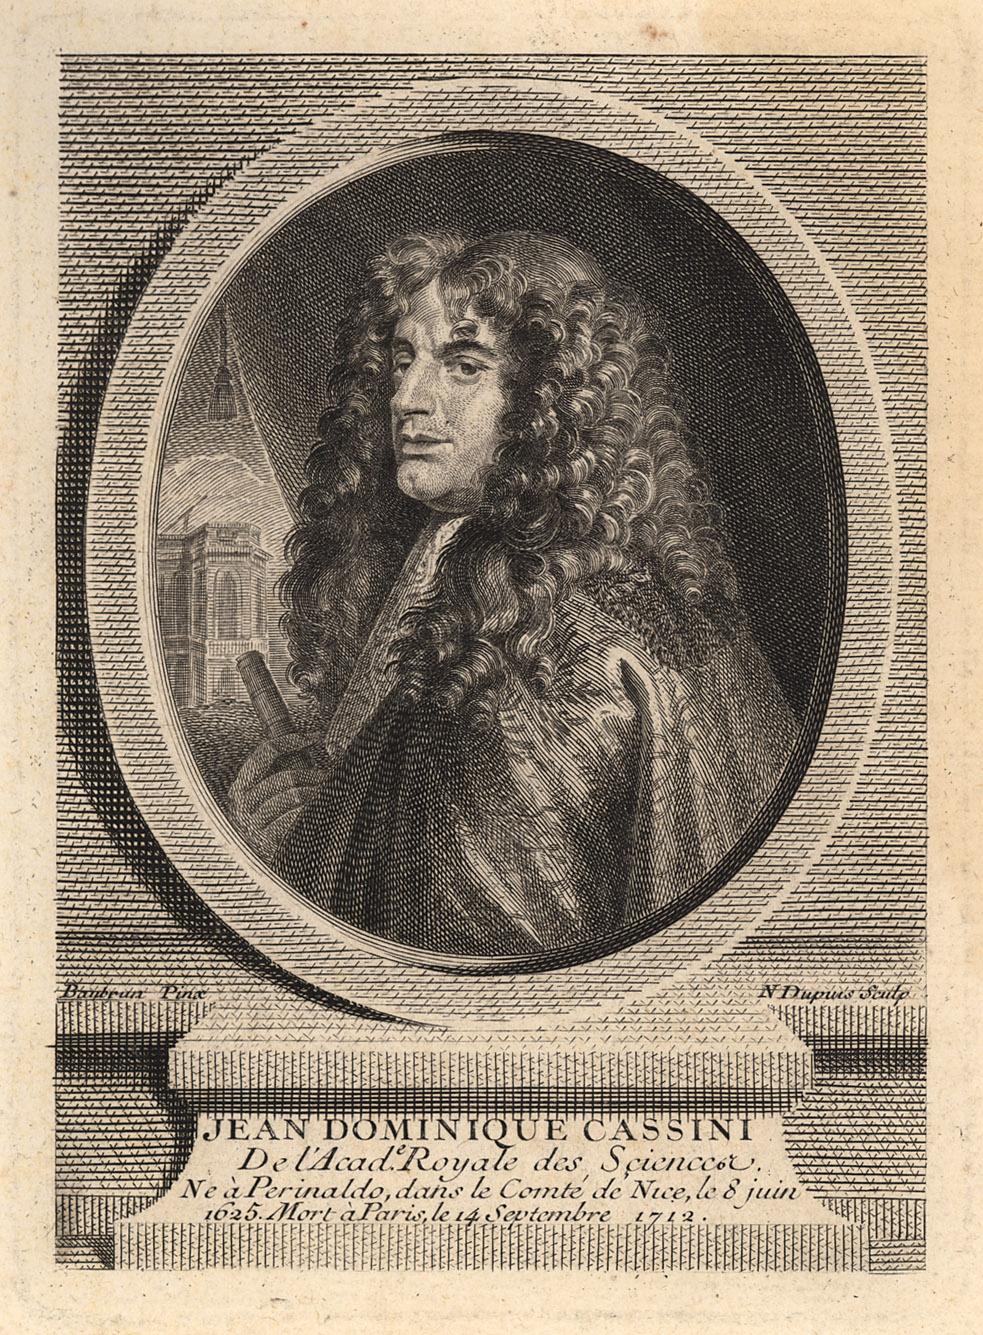 Giovanni Domenico Cassini - Wikipedia